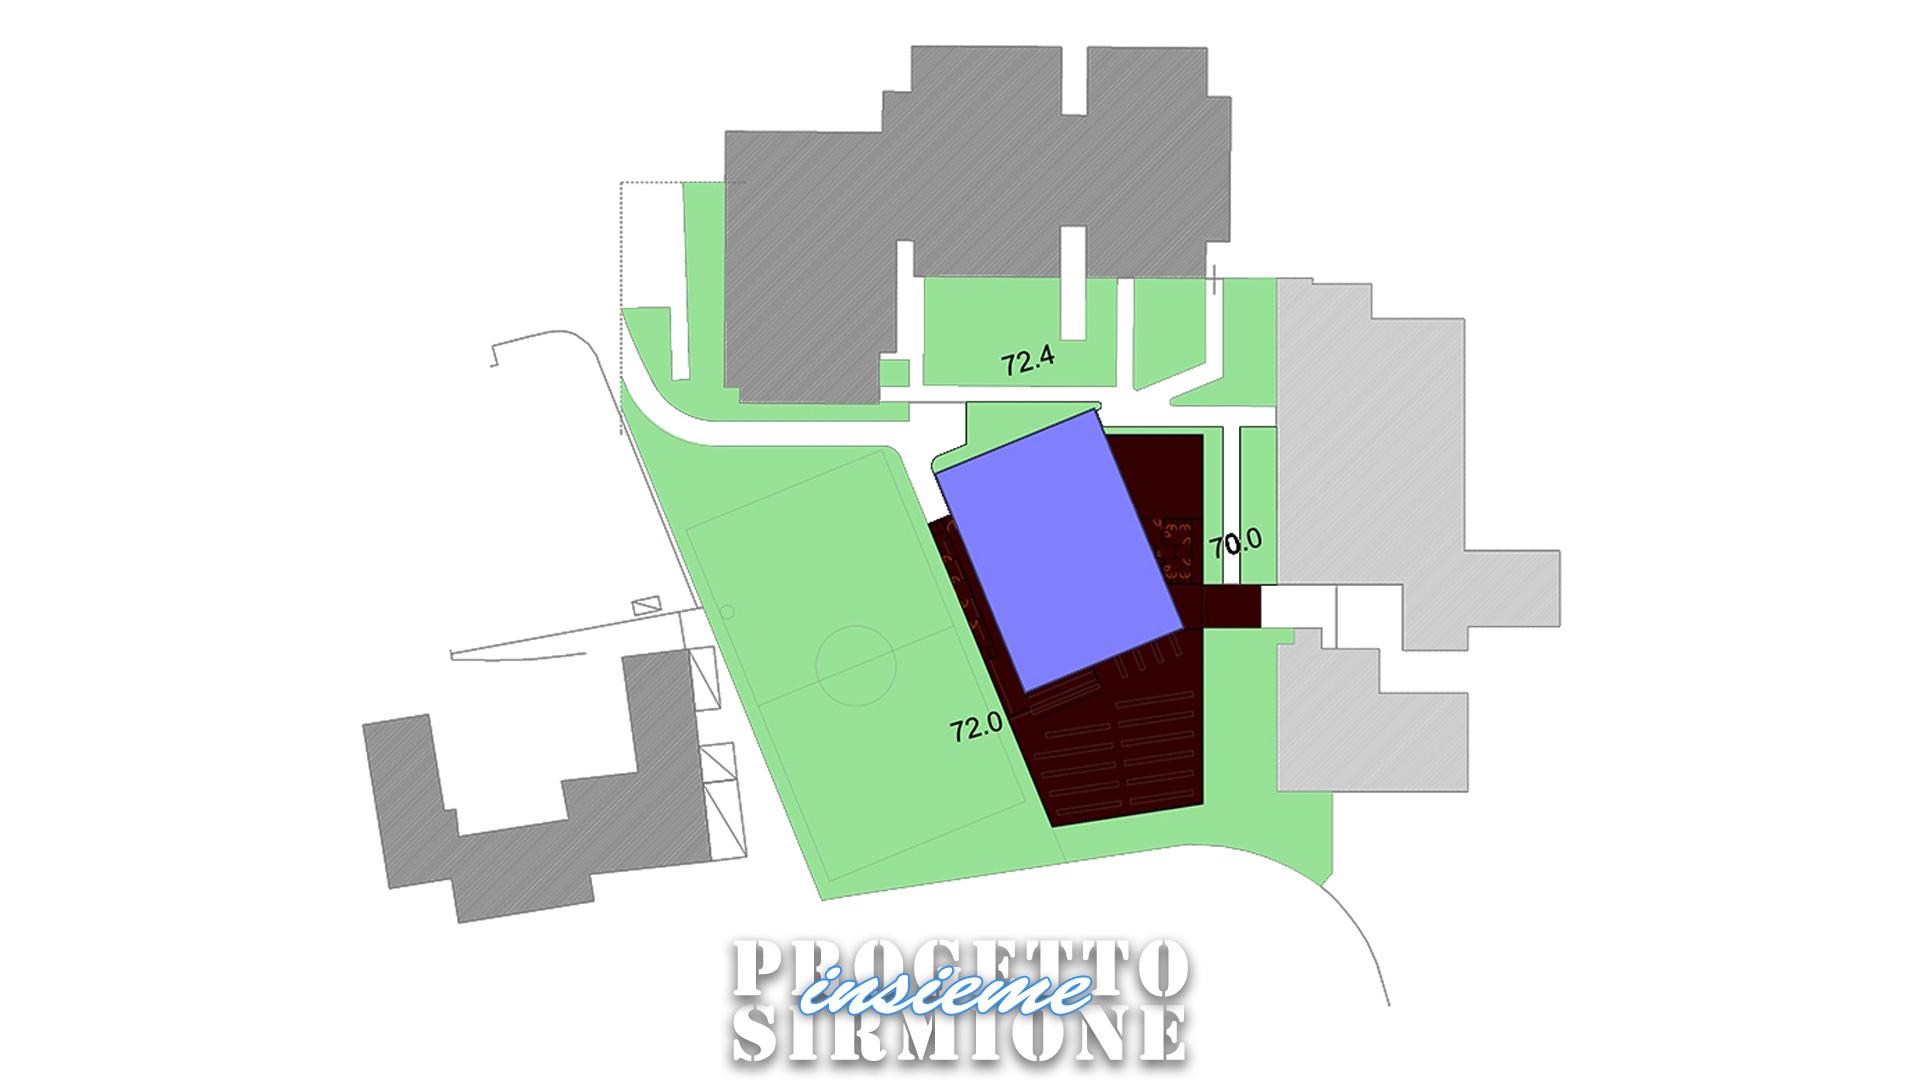 Progetto Sirmione Insieme_scuole elementari medie Trebeschi di Sirmione: progetto nuova palestra e nuova mensa_allegato2